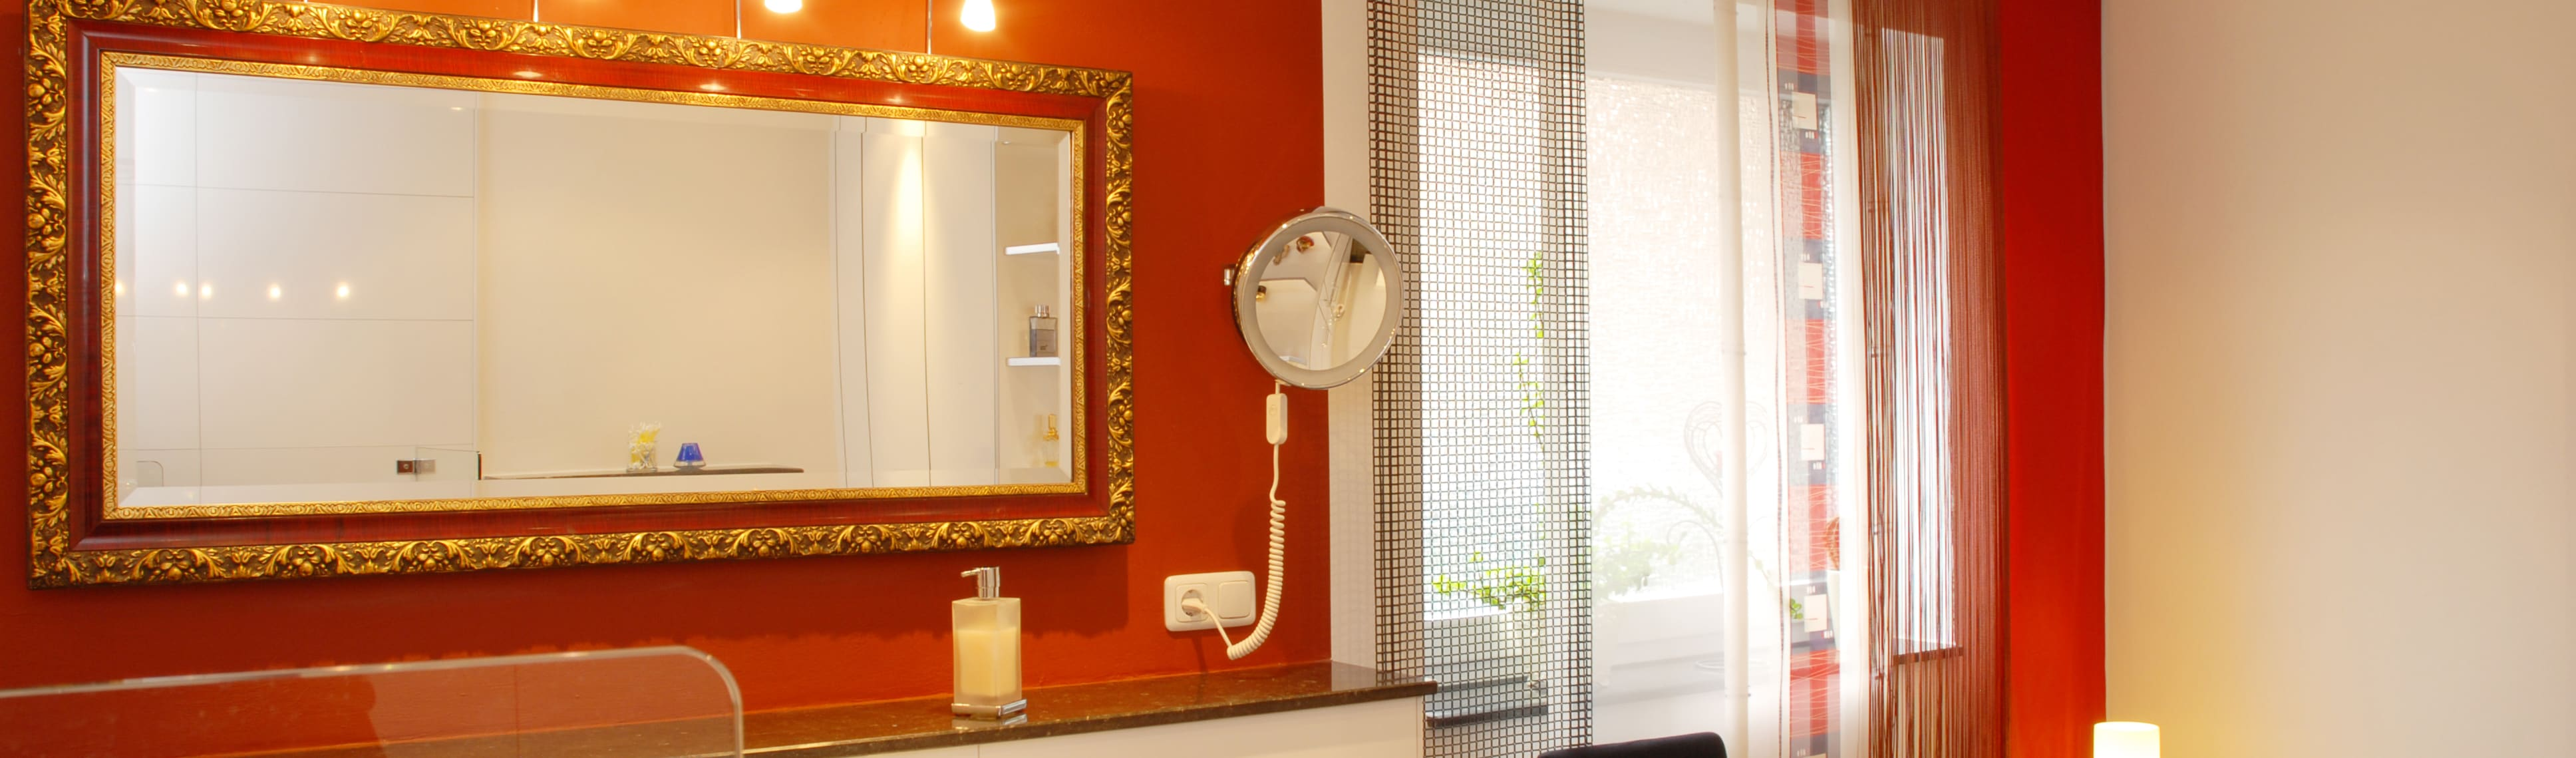 badezimmer altbau, badezimmer - altbau von minderjahn die badgestalter | homify, Badezimmer